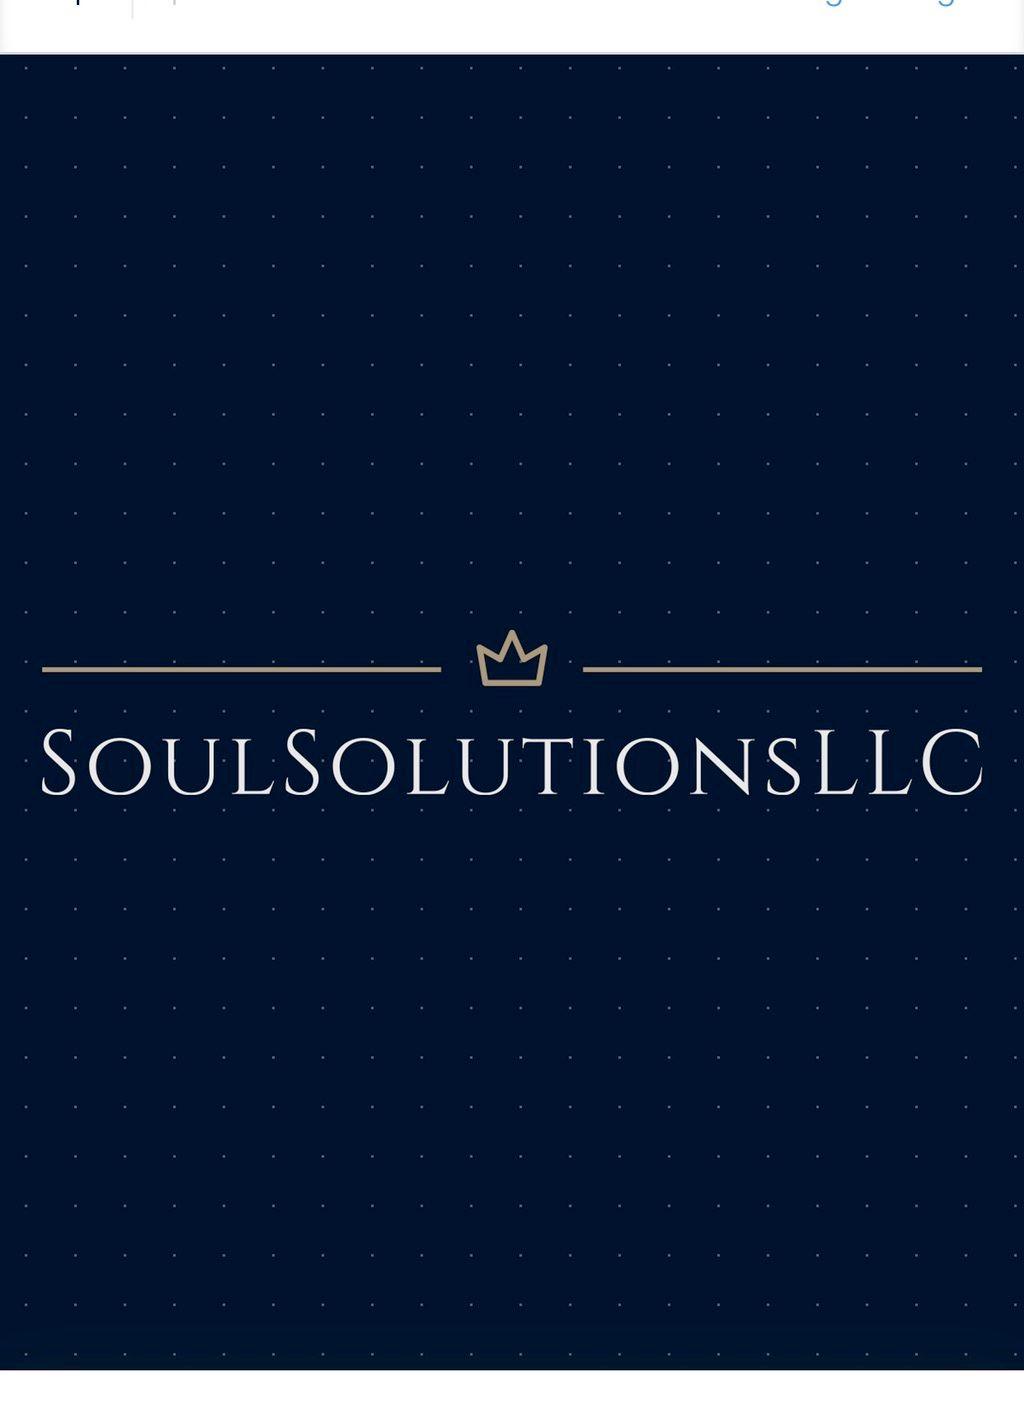 SoulSolutionsLLC